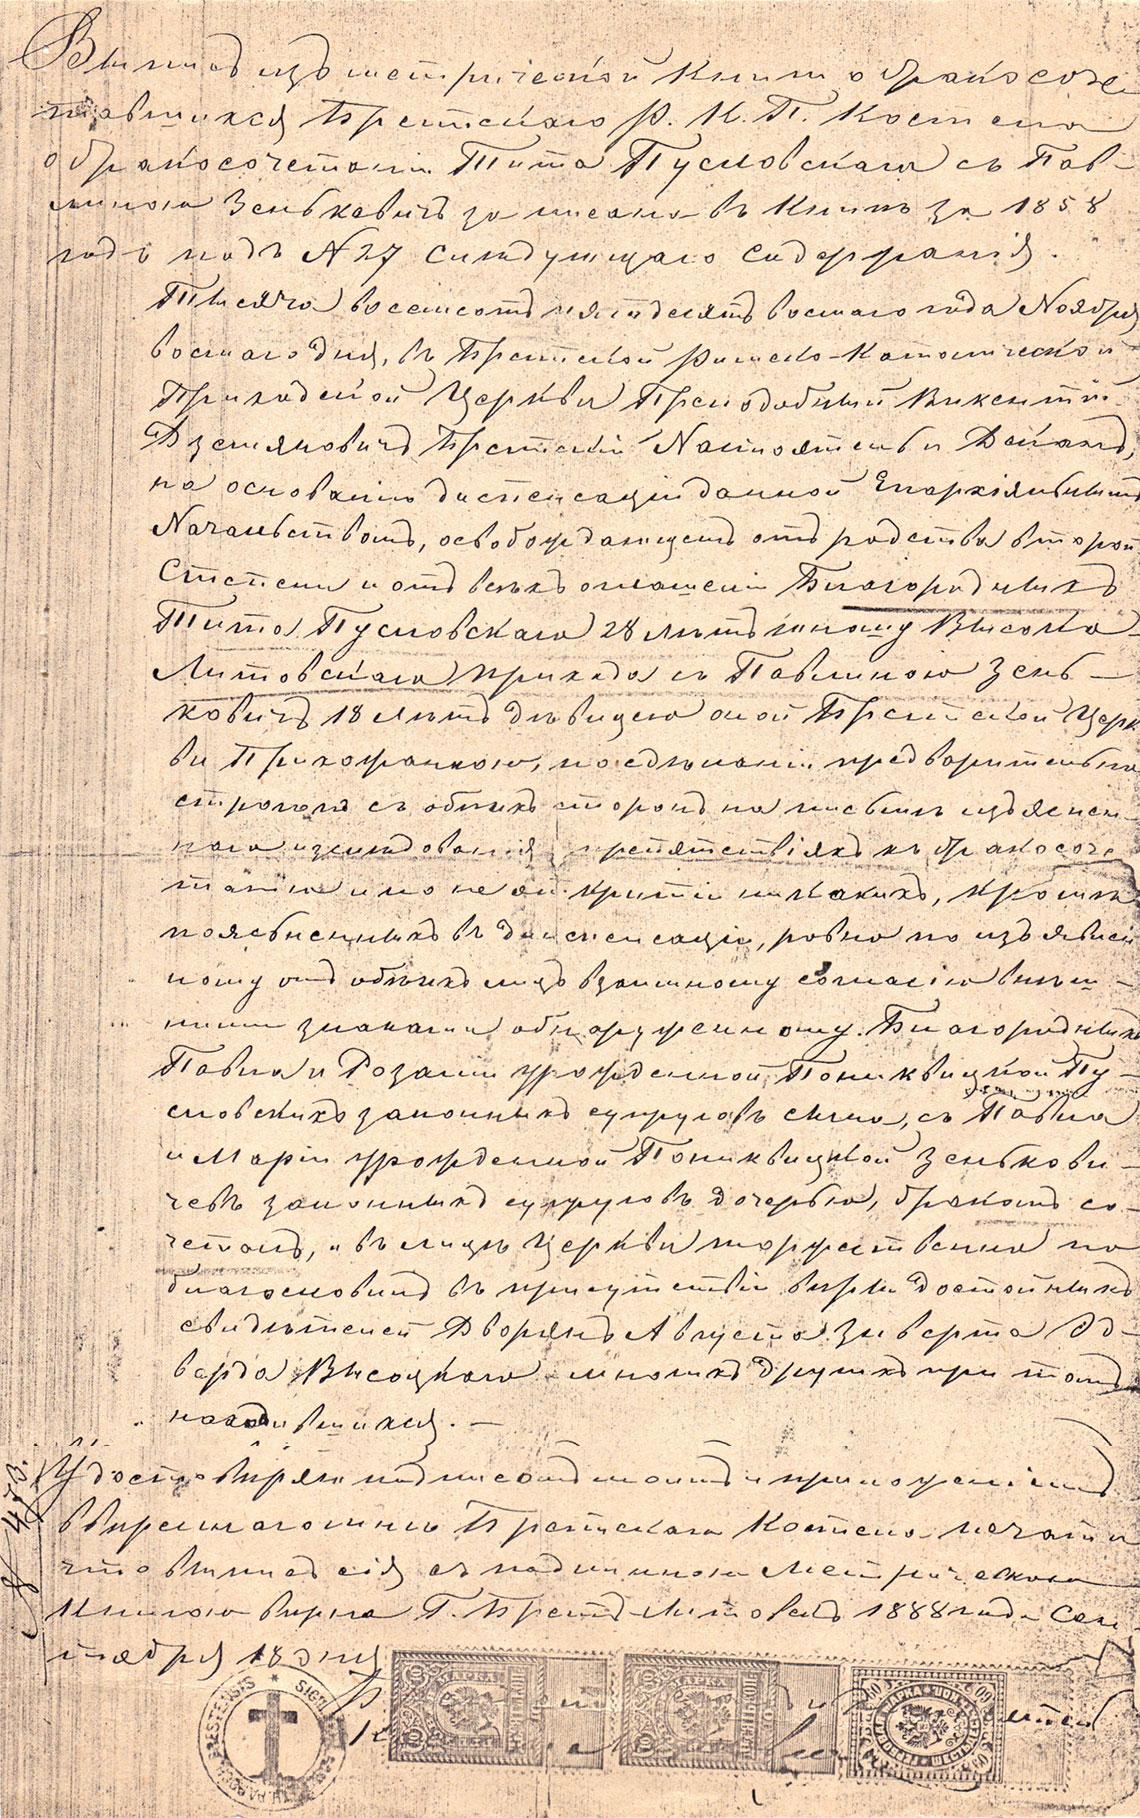 Wypis aktu metrykalnego małżeństwa Tytus Pusłowski & Paulina Zienkowicz 08.11.1858 r.